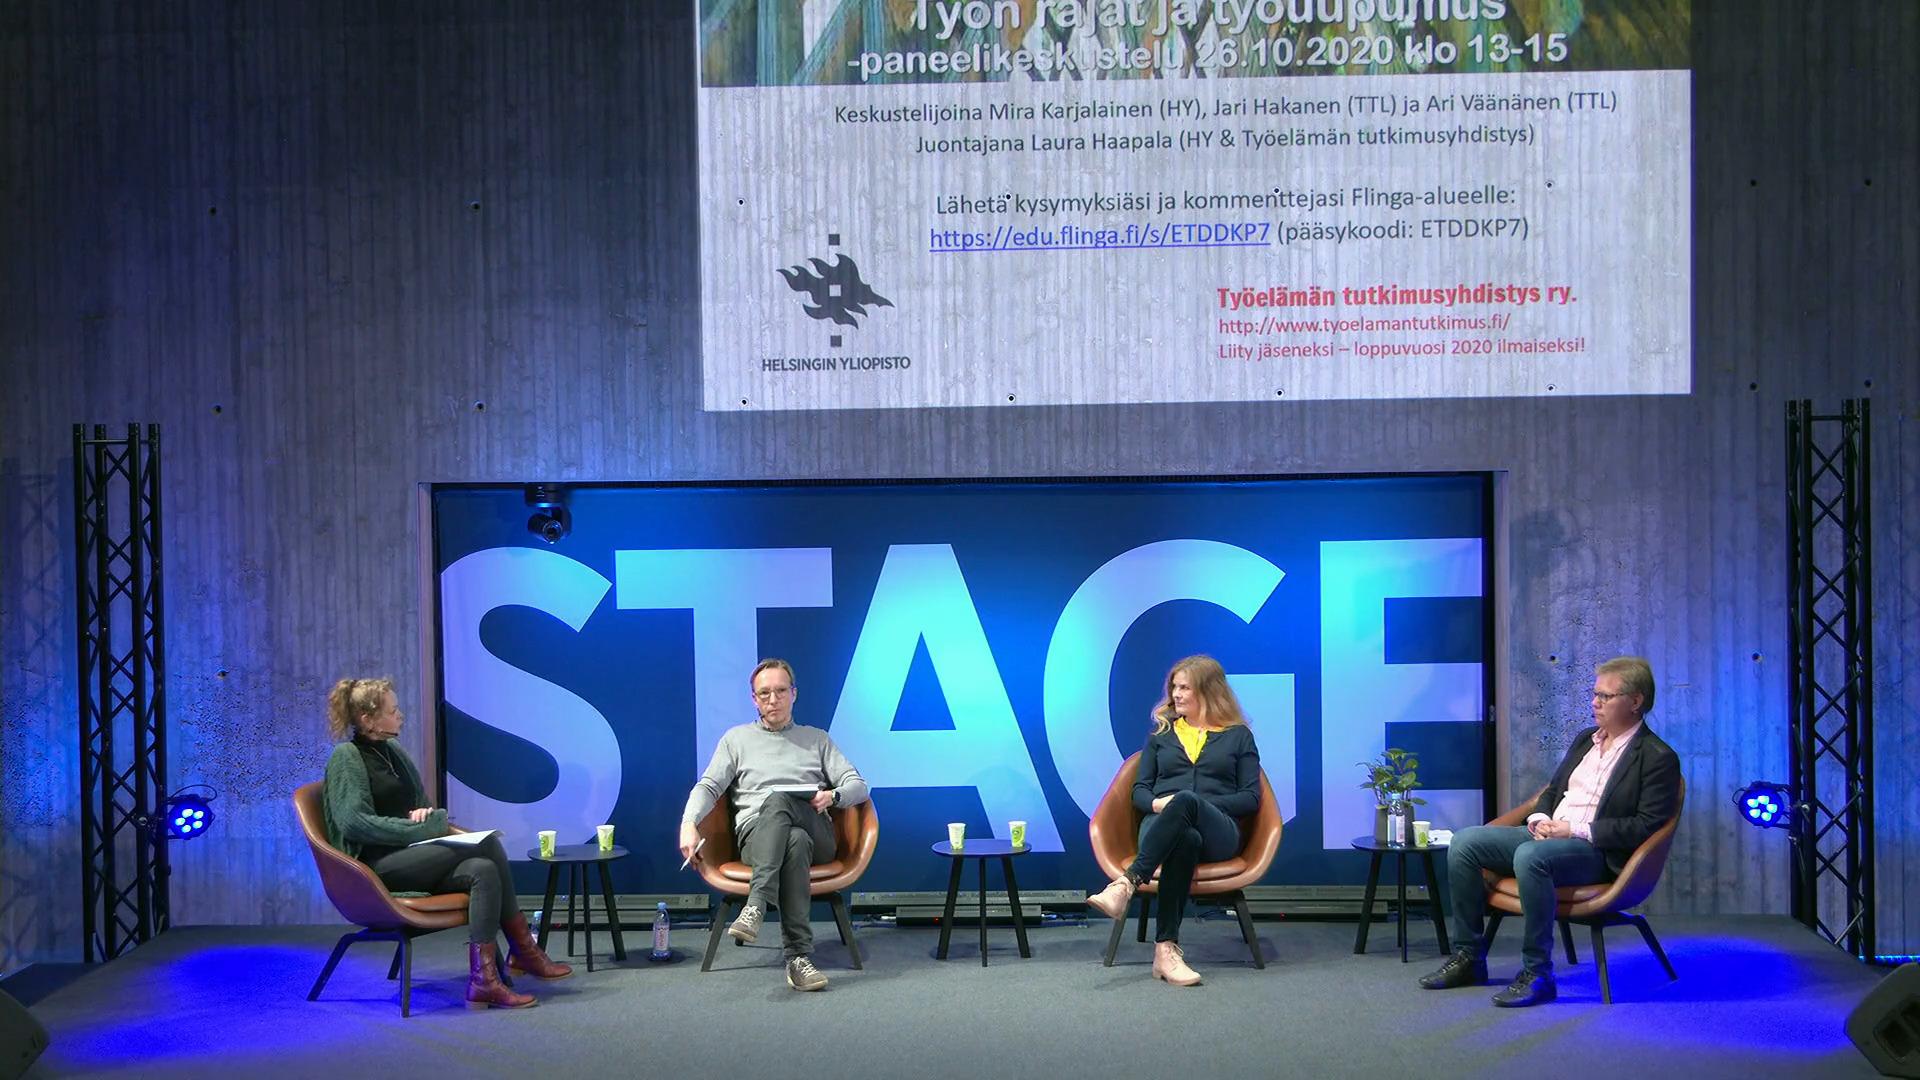 Fyra personer sitter på stolar på en scen.